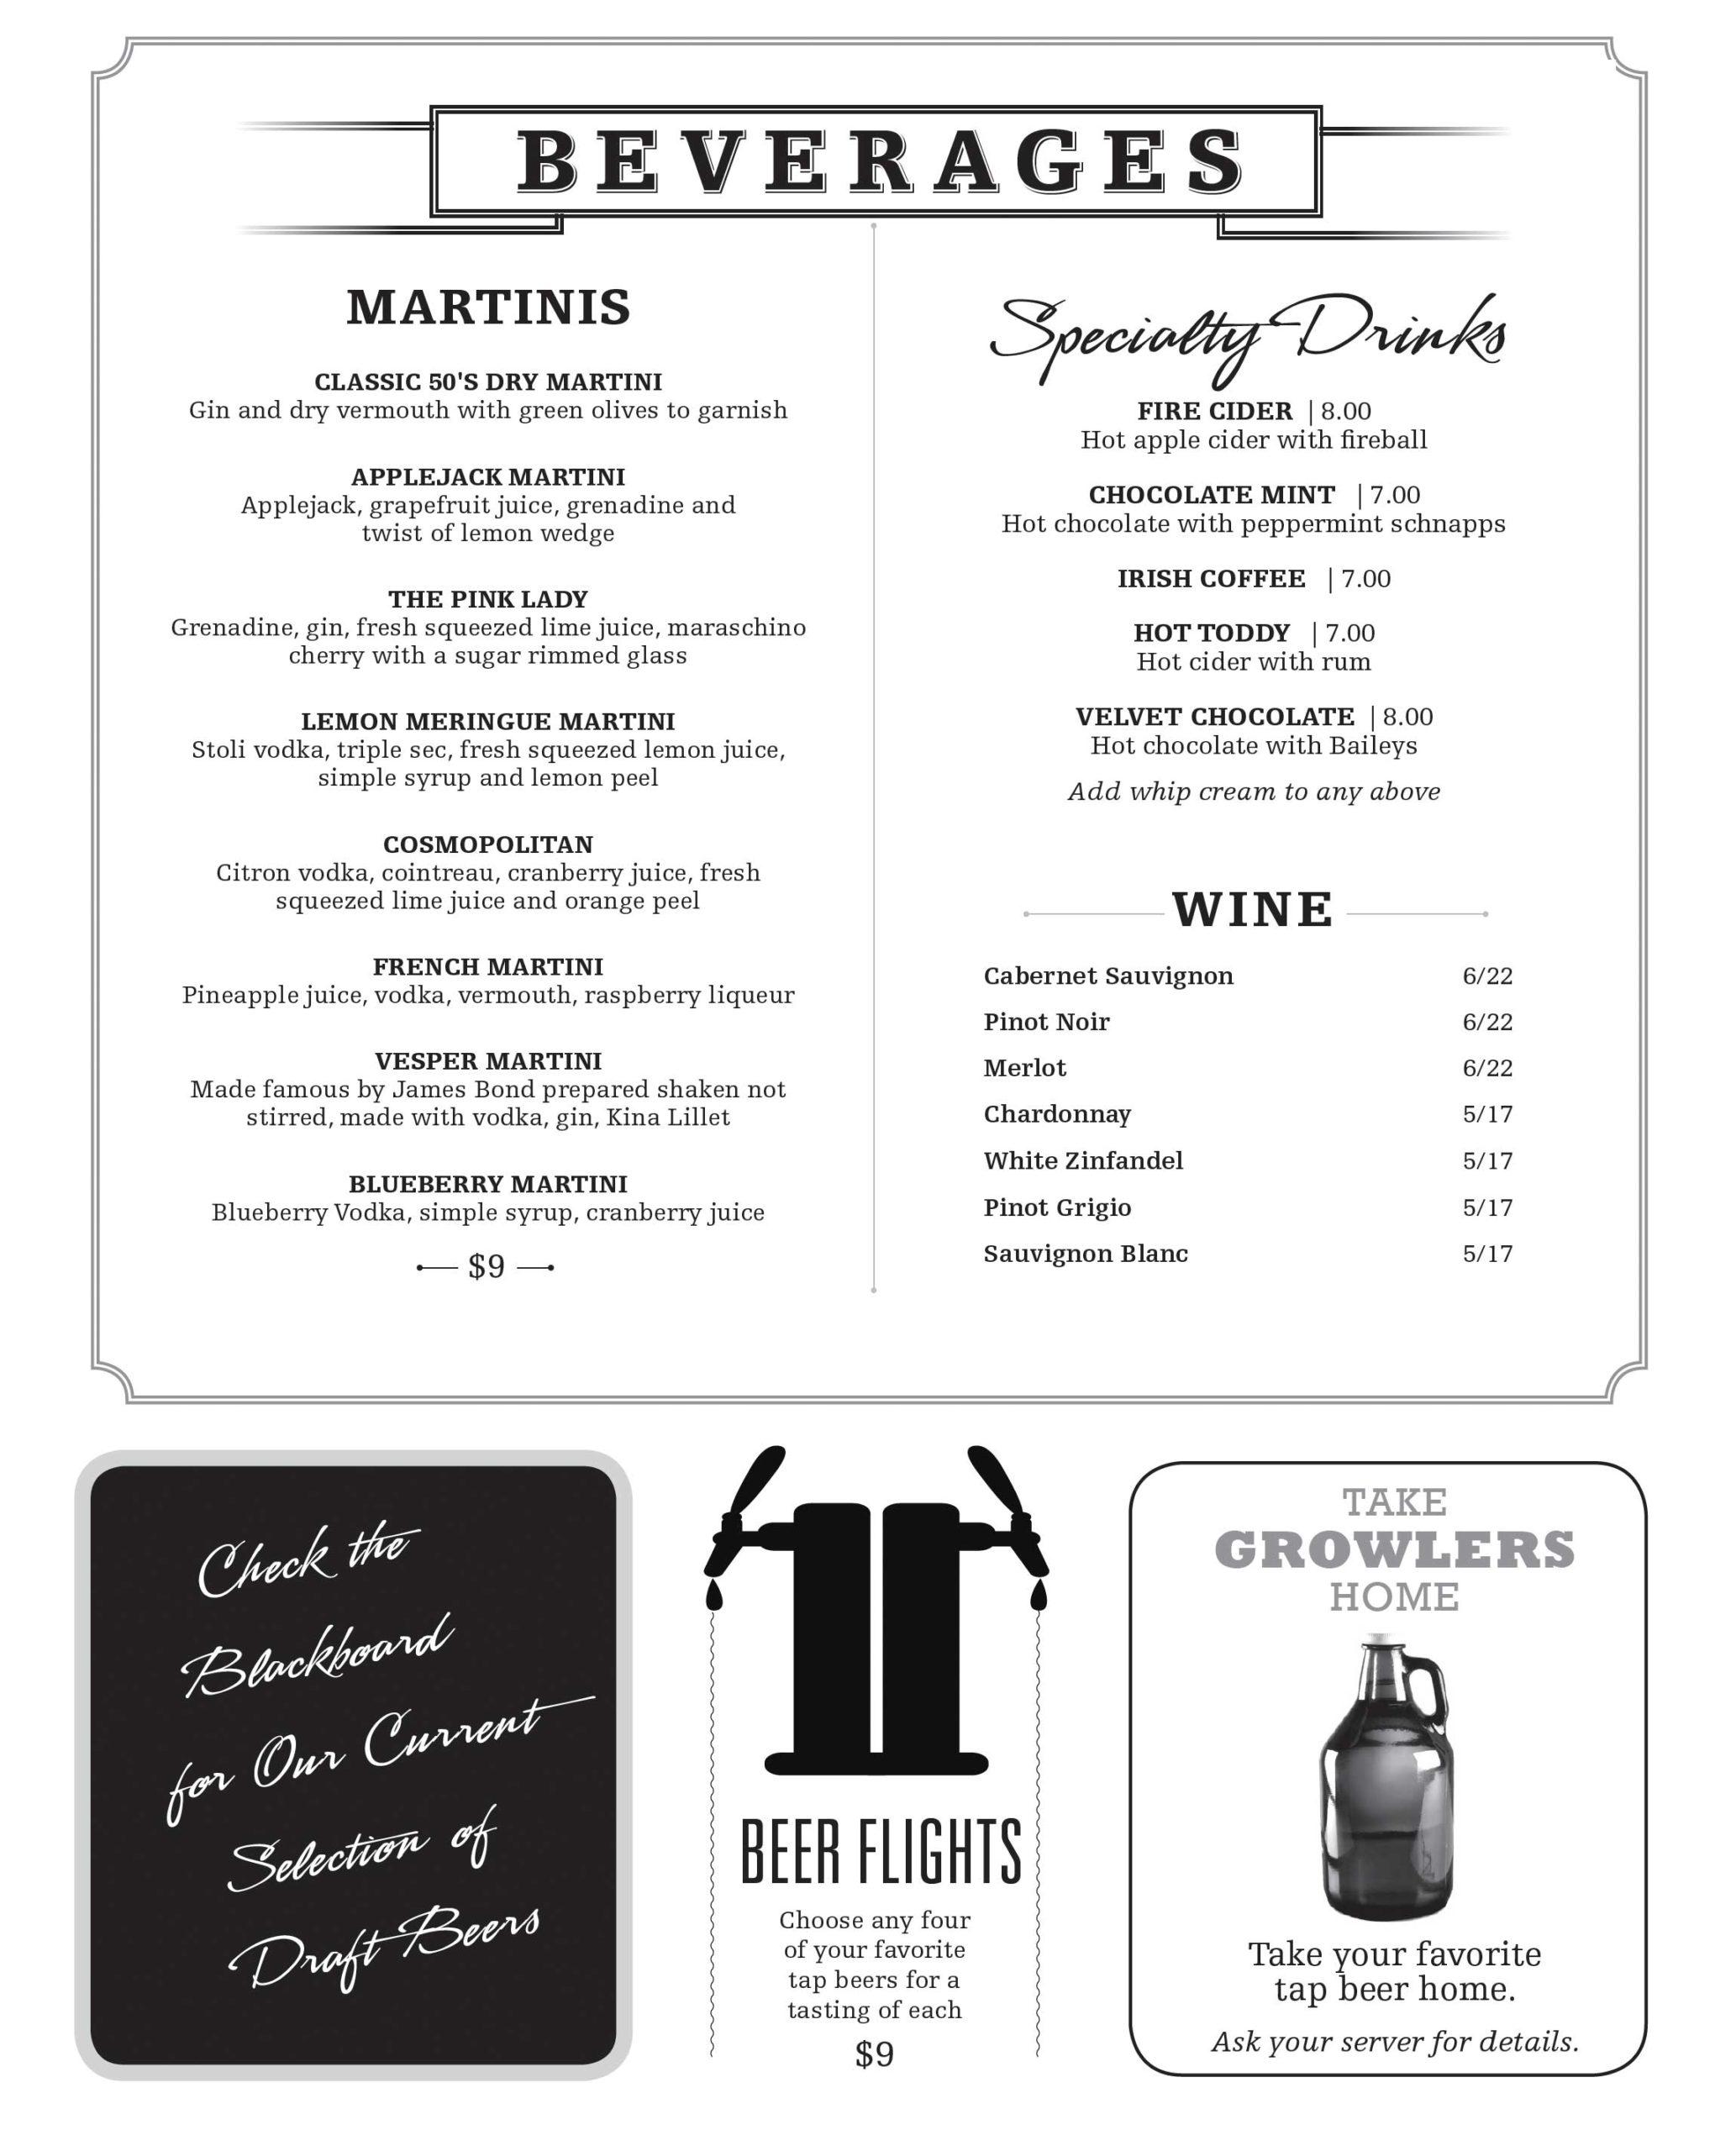 JDs Pub Brew Beverages, Martinis, Cocktails, Beer on Tap, Bottles, Wine